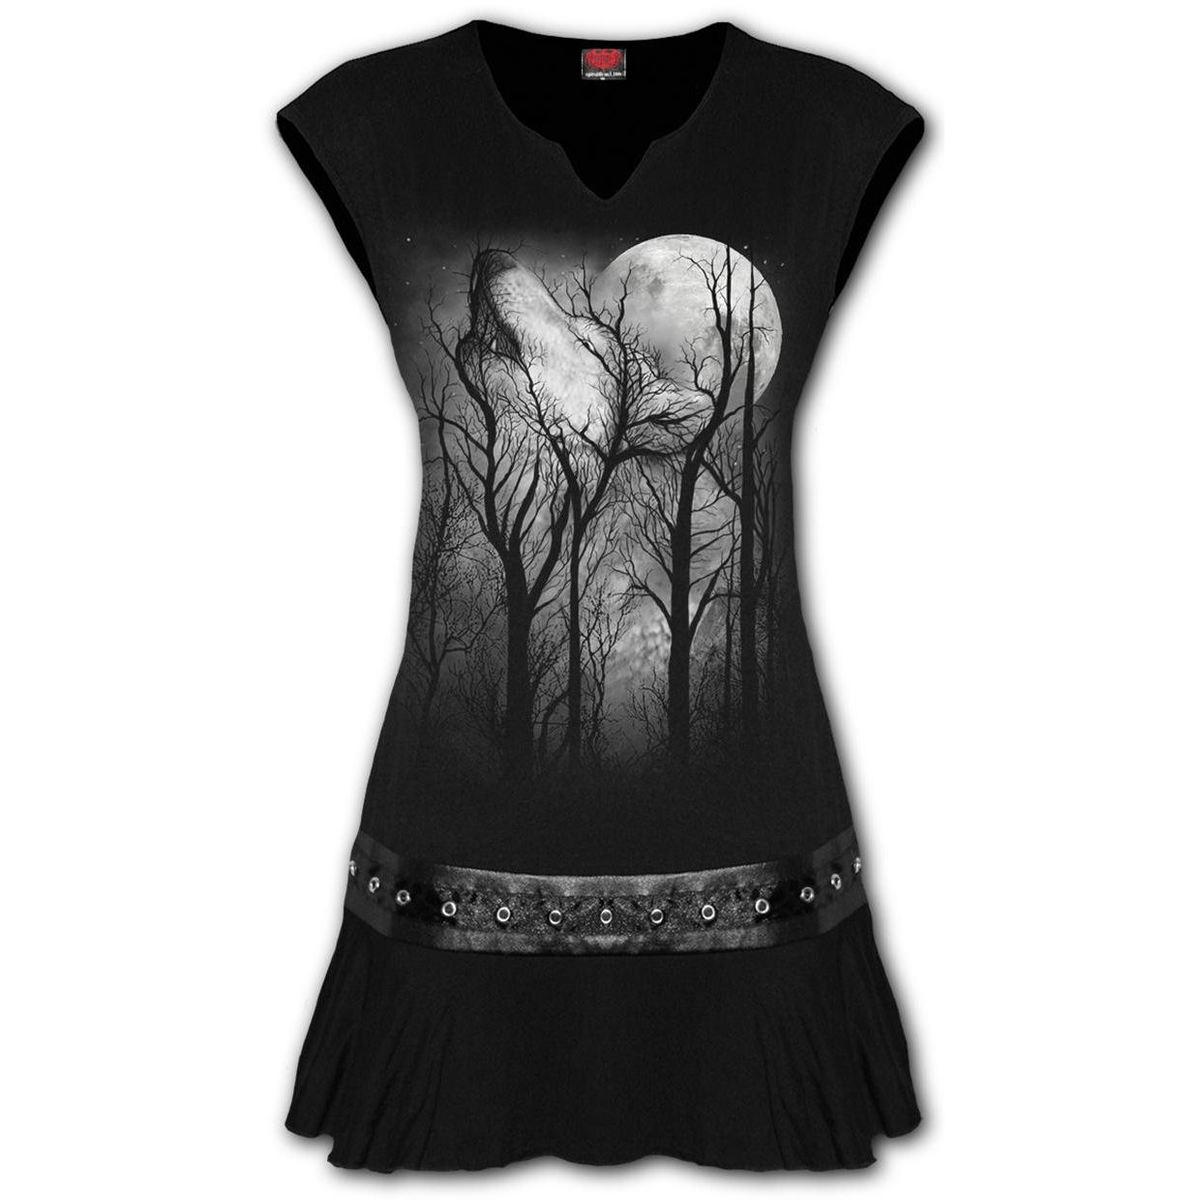 šaty dámske SPIRAL - FOREST WOLF - Black - E030F108